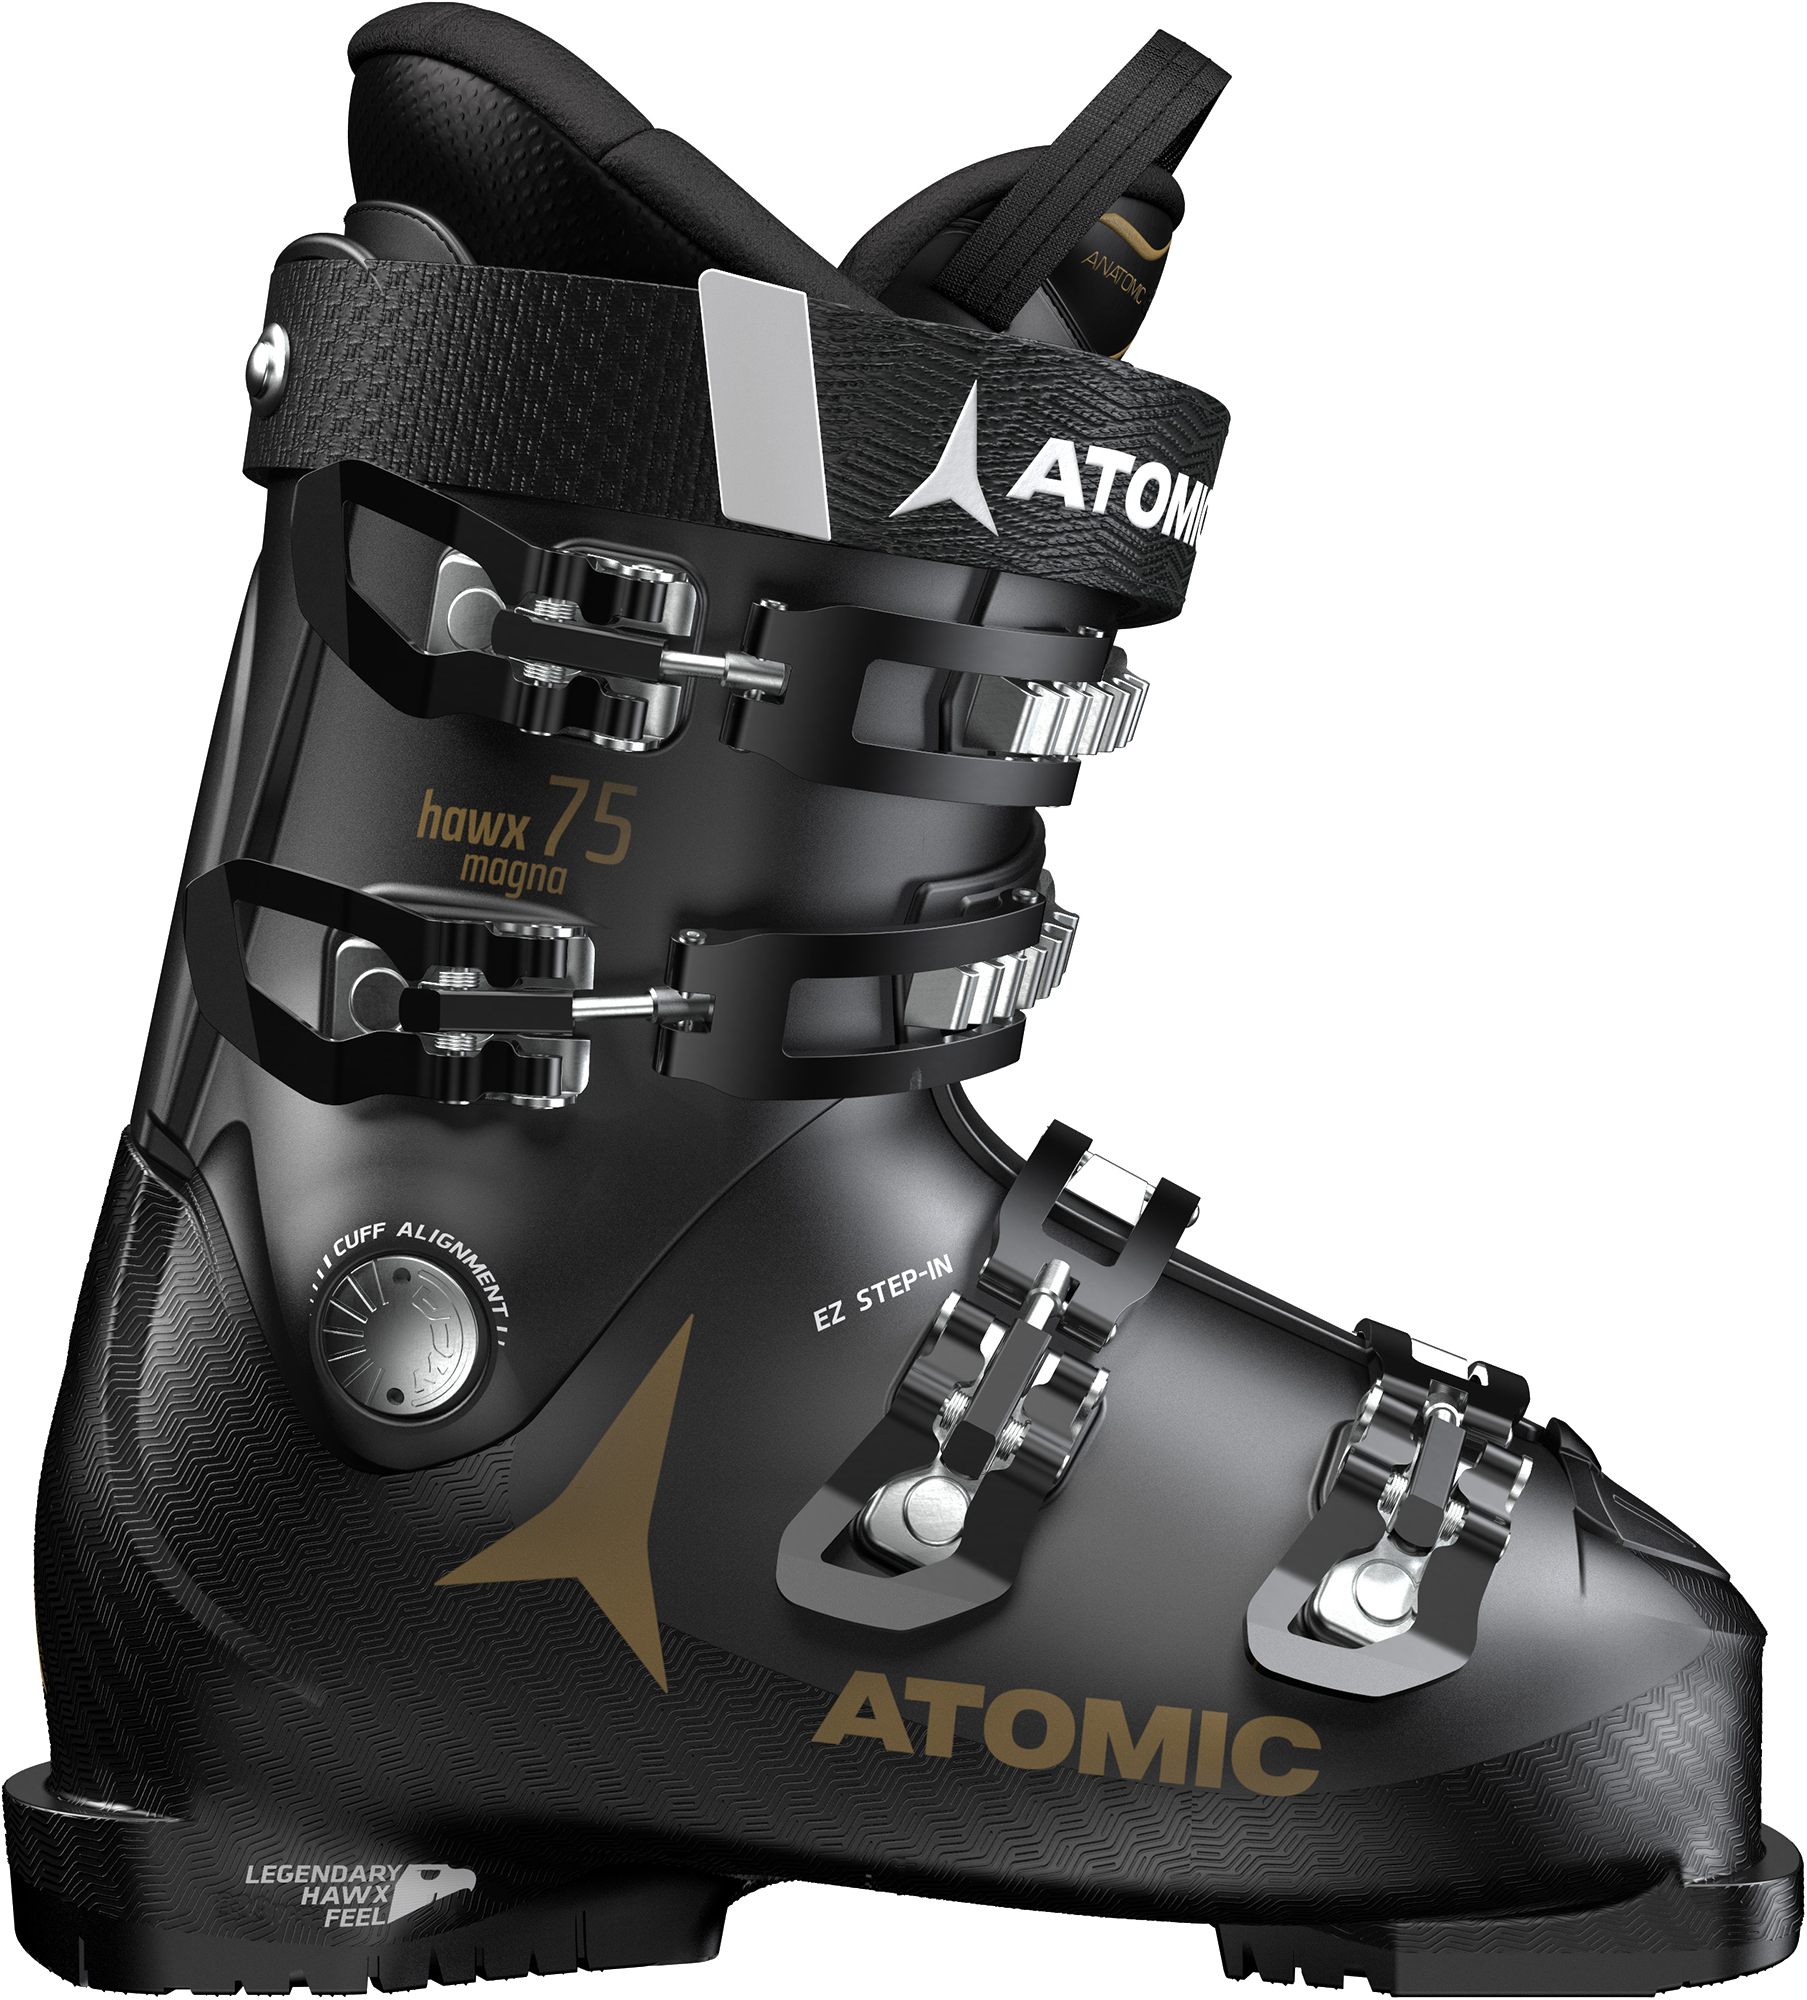 лучшая цена Atomic Ботинки горнолыжные женские Atomic Hawx Magna 75, размер 41,5